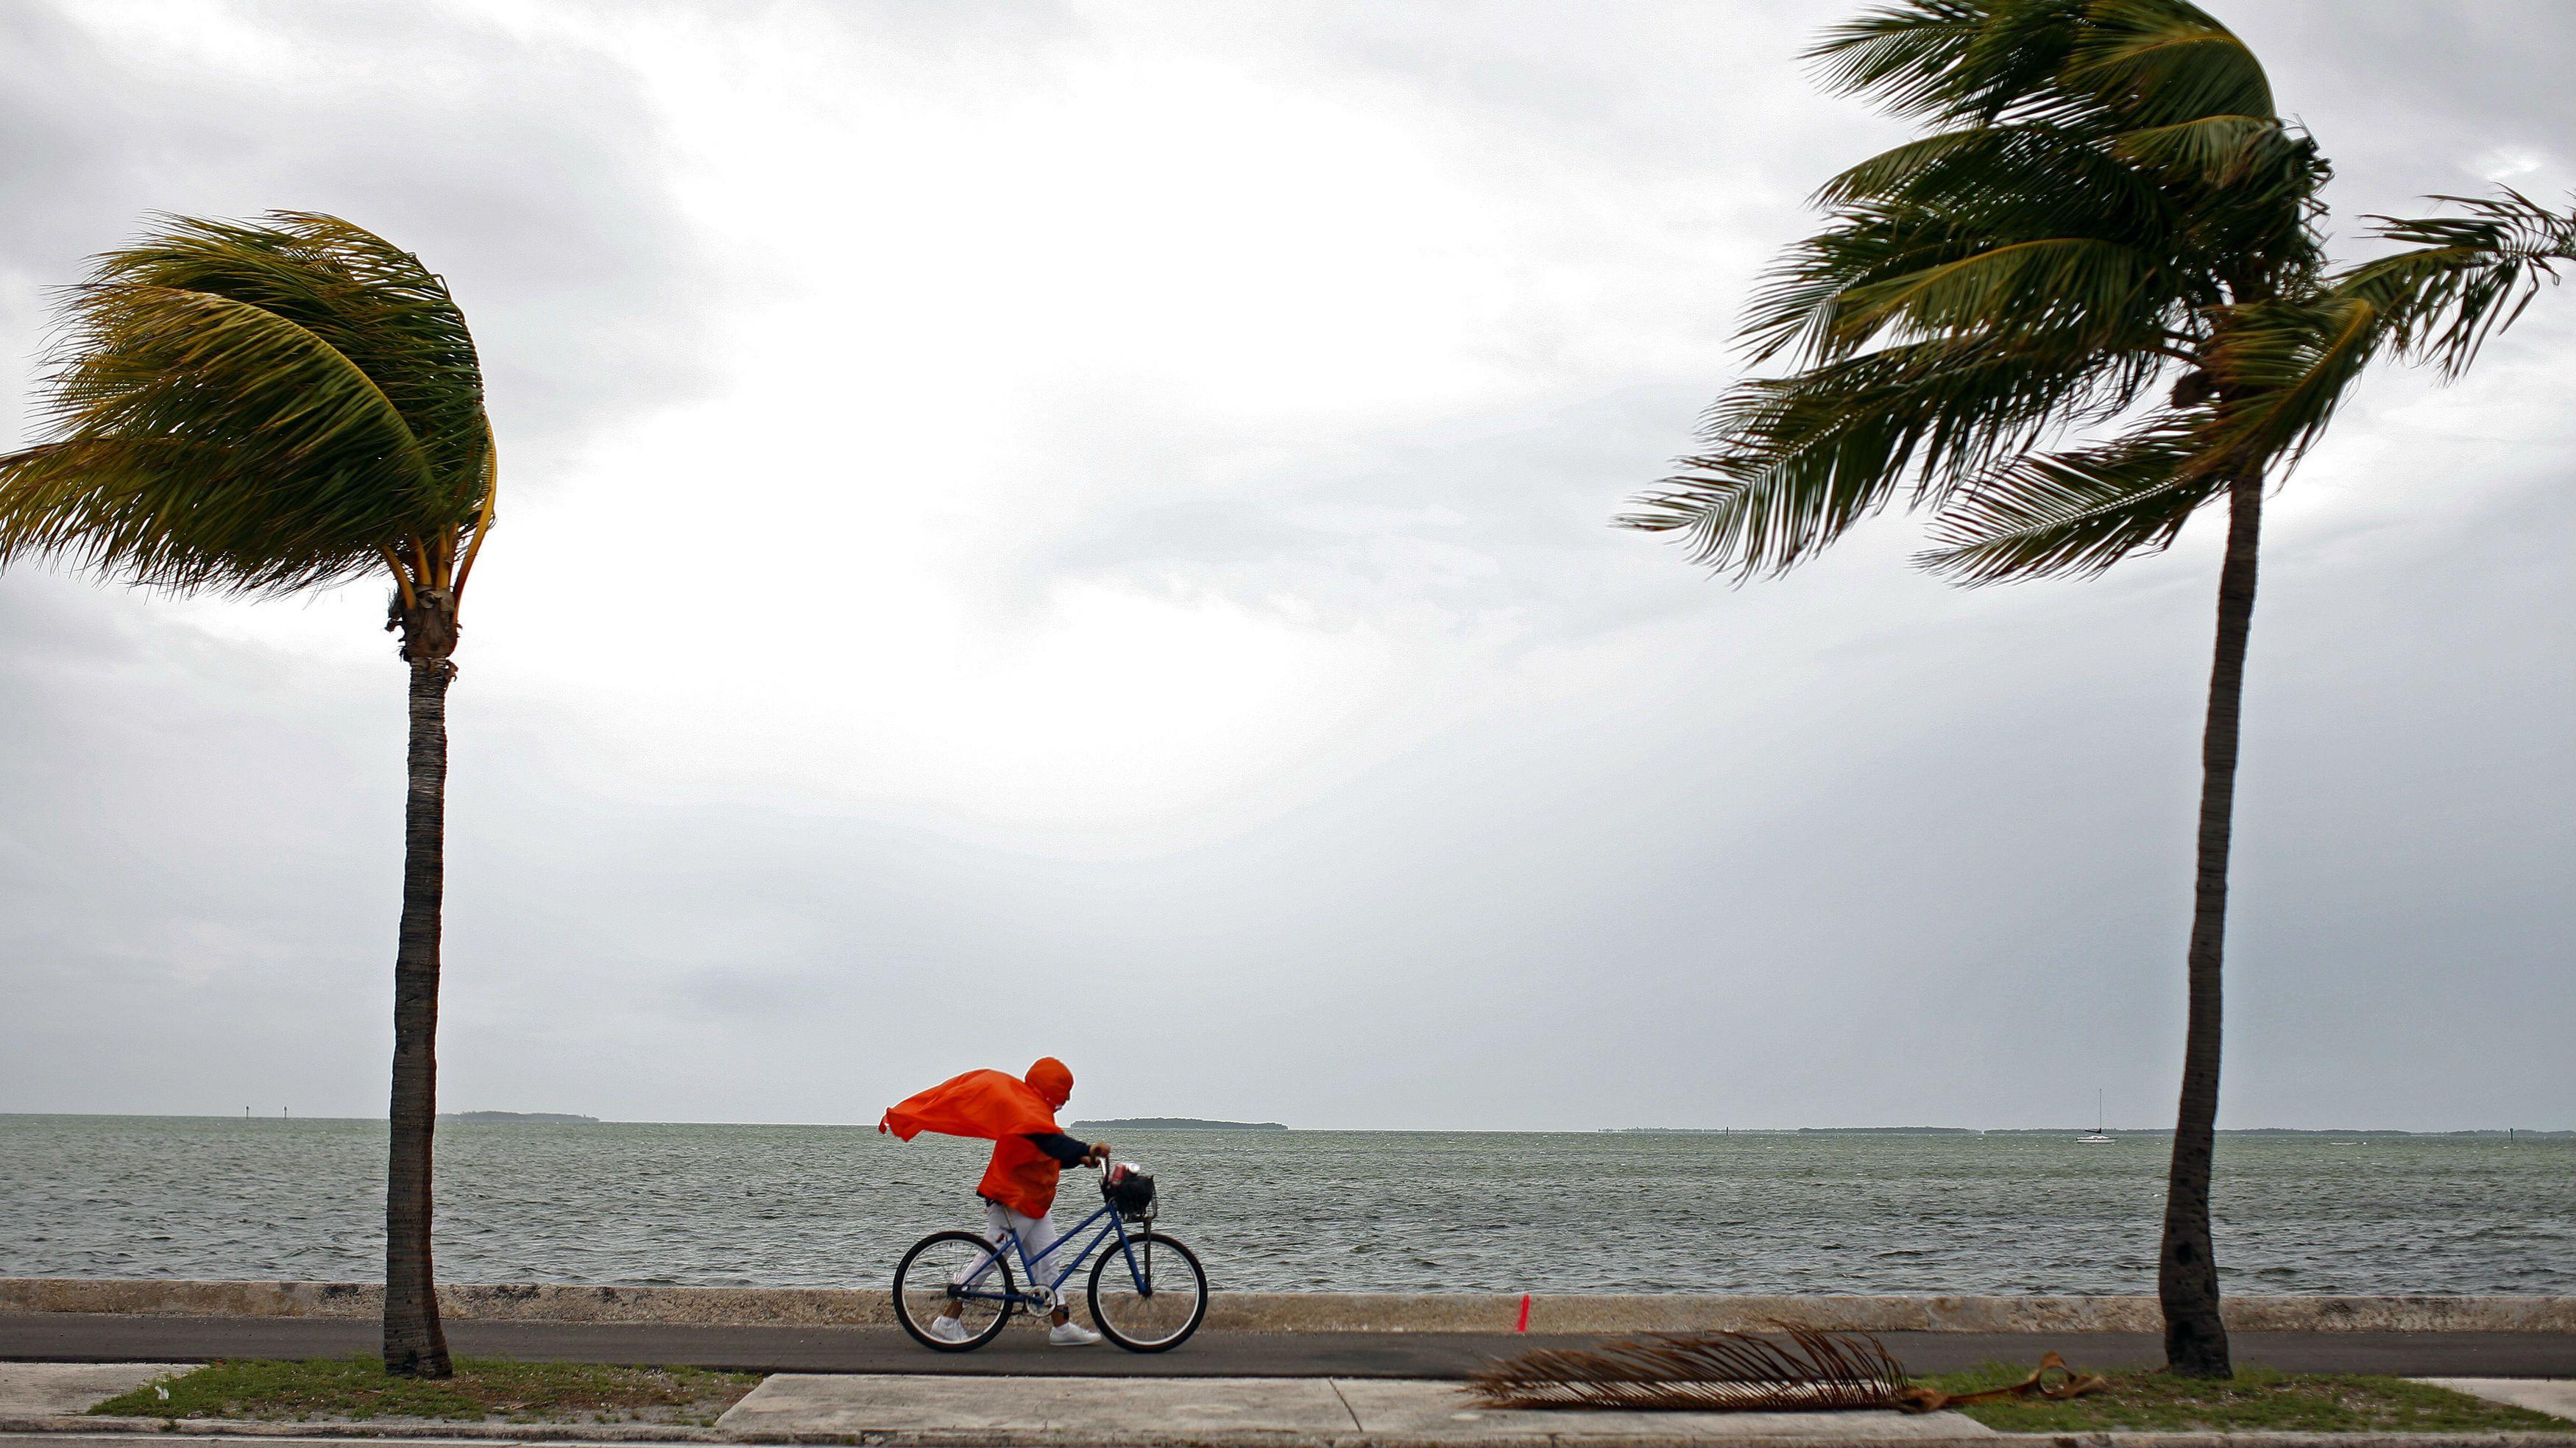 hurricane-irma-storm